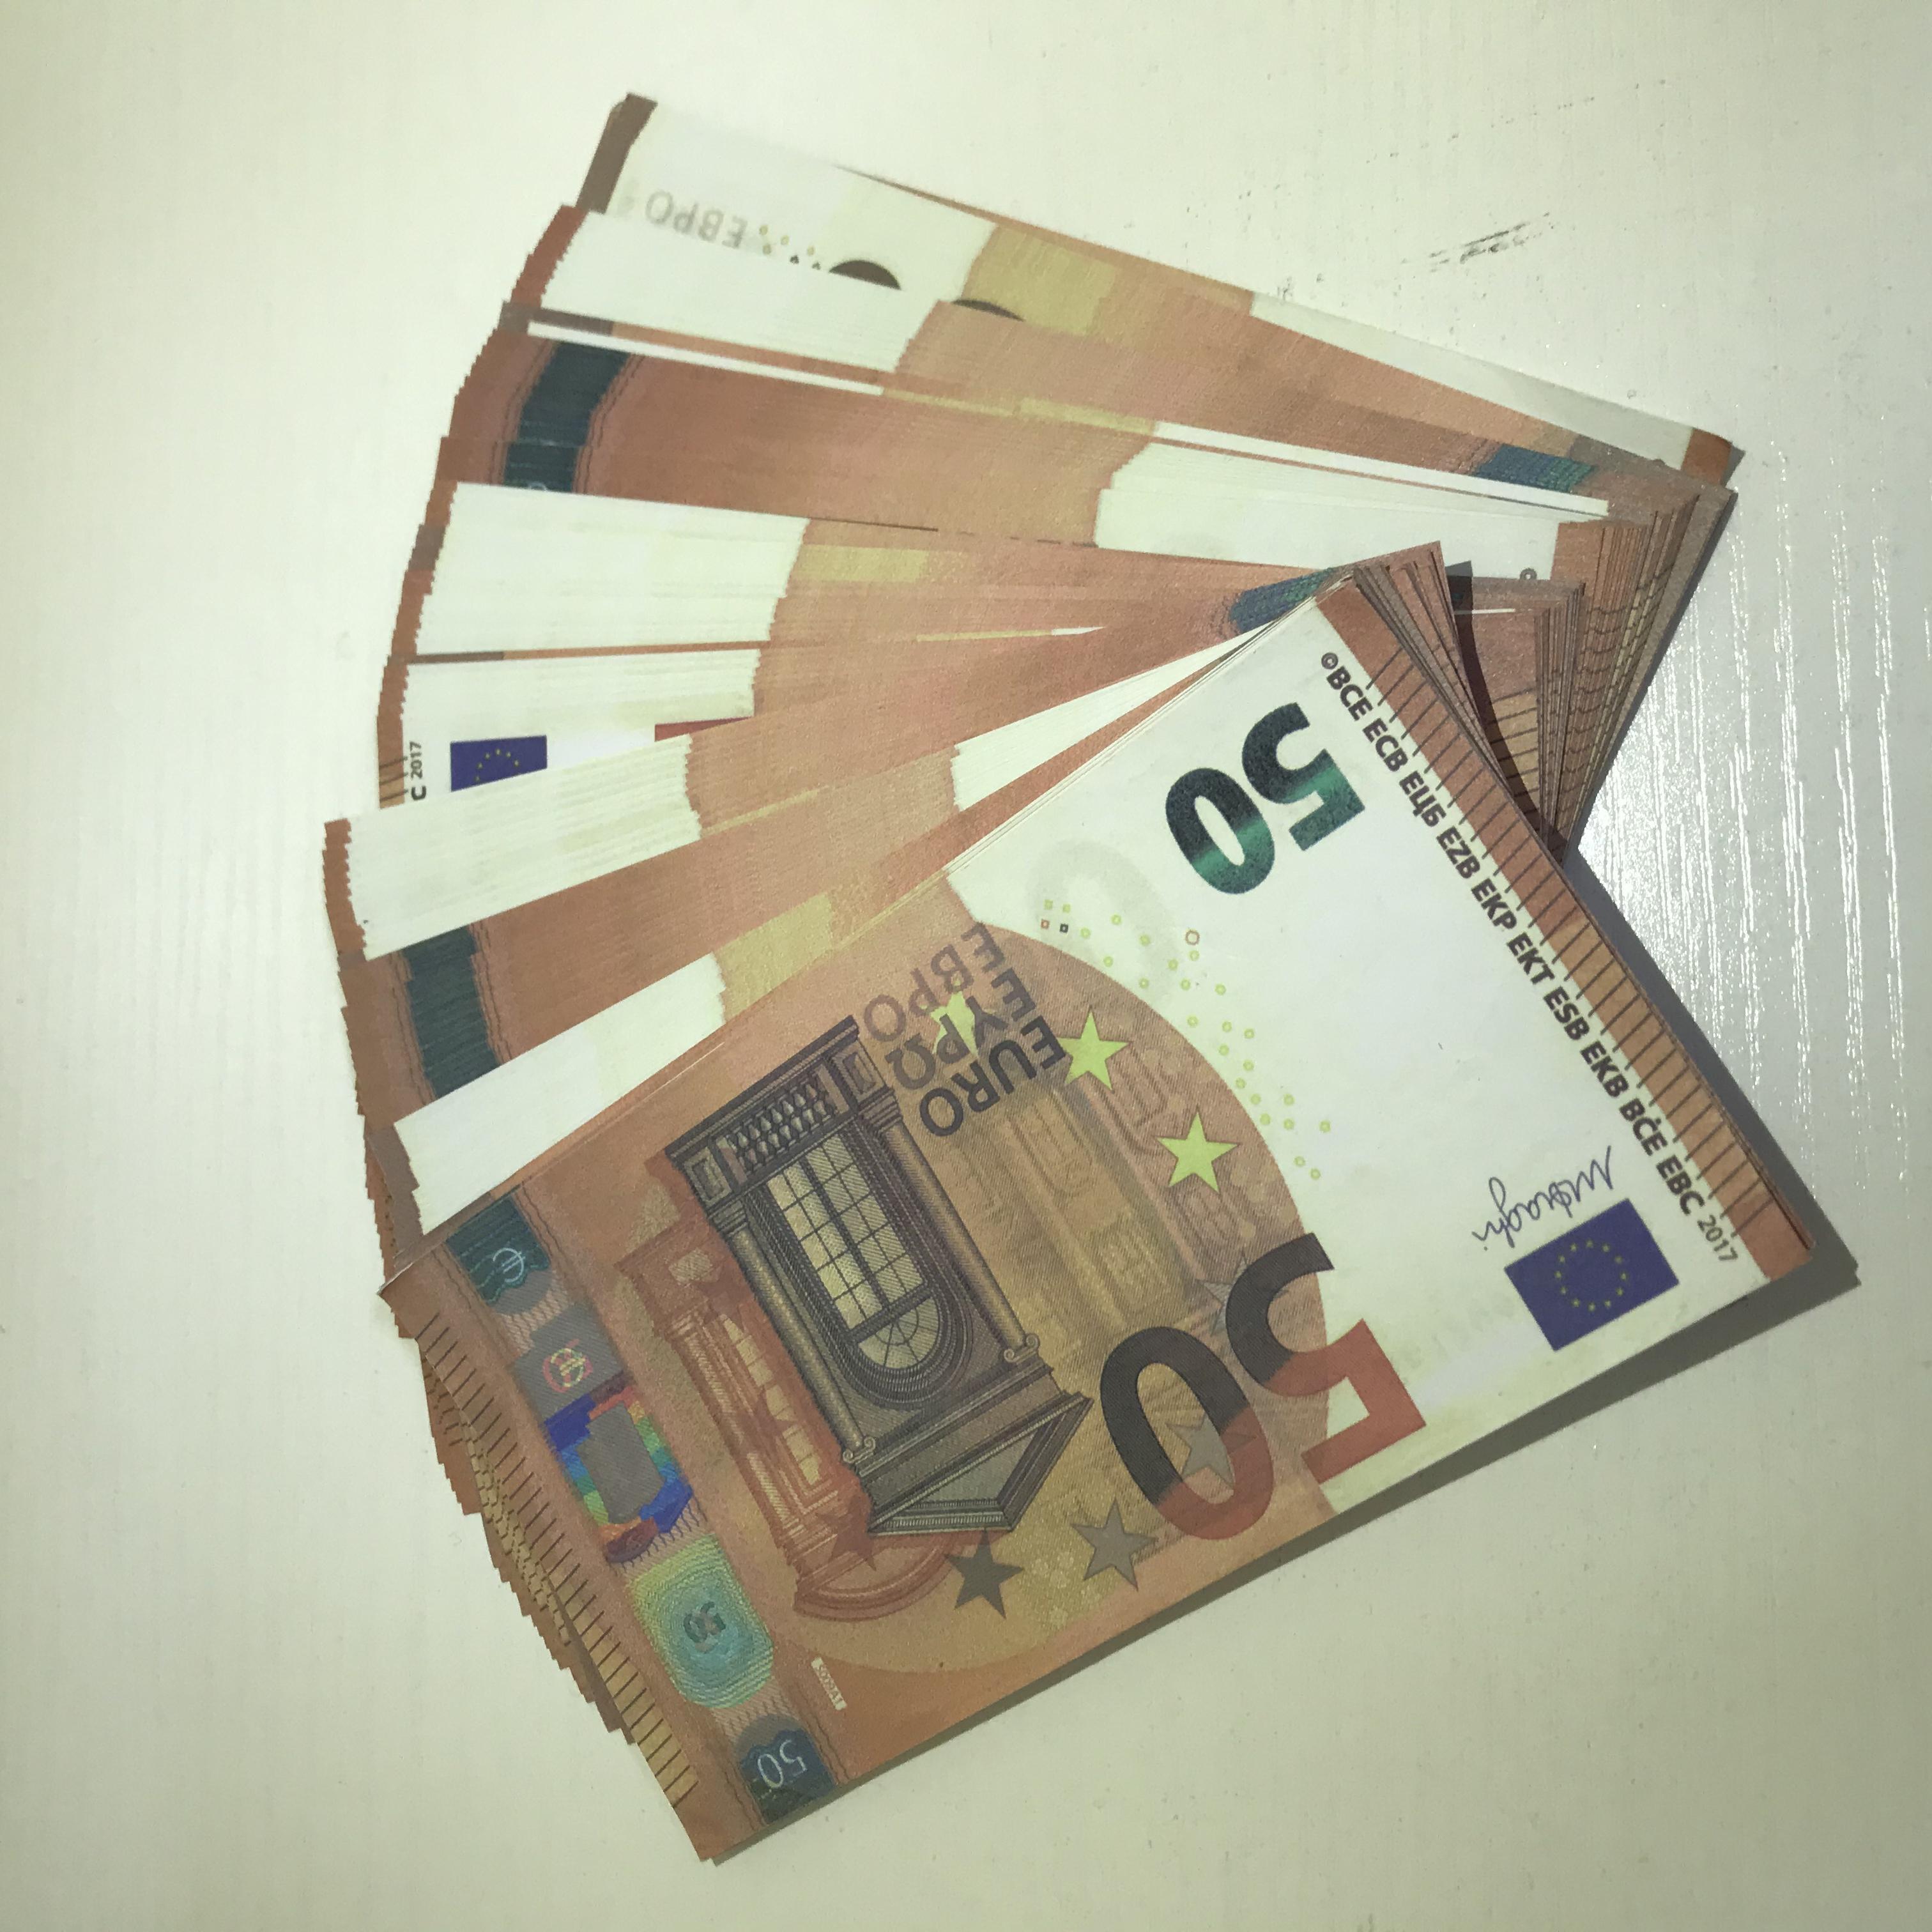 LE50-37 MBJSI PROP BAR 50 COMPORT MV Съемка горячей евро игрушечный этап атмосфера банкноты вечеринка контрафактная копия PROP IPRLN